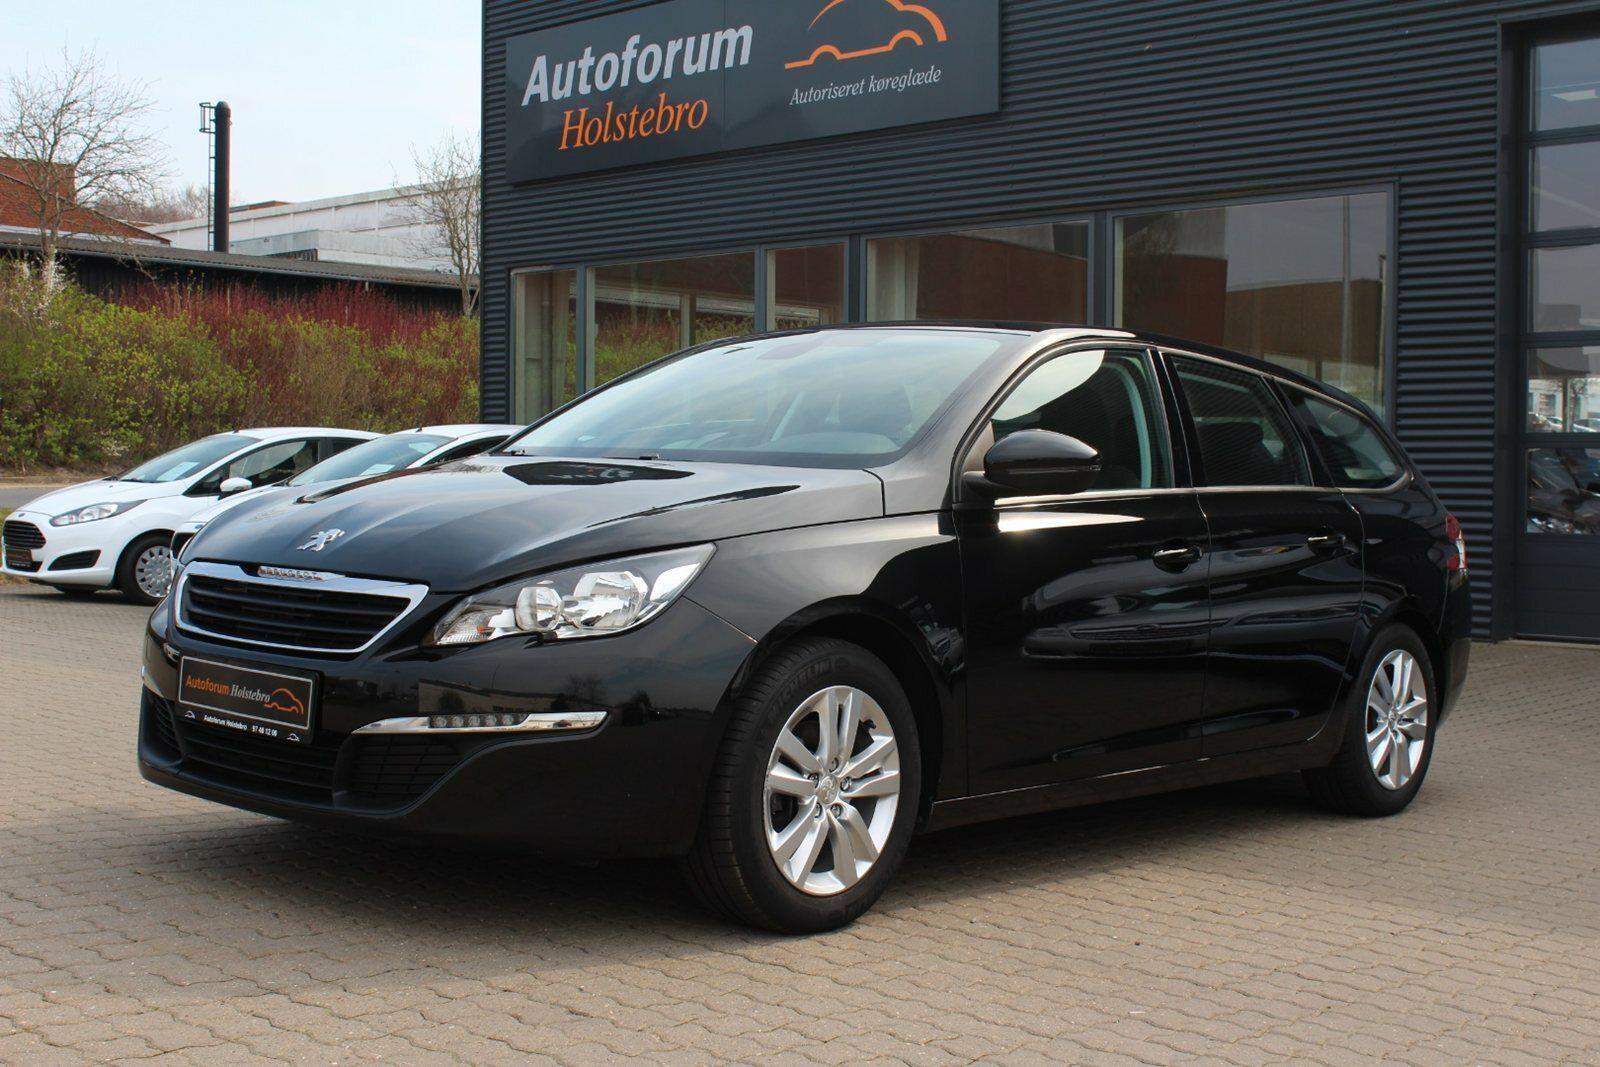 Peugeot 308 1,6 BlueHDi 120 Active SW EAT6 5d - 199.800 kr.